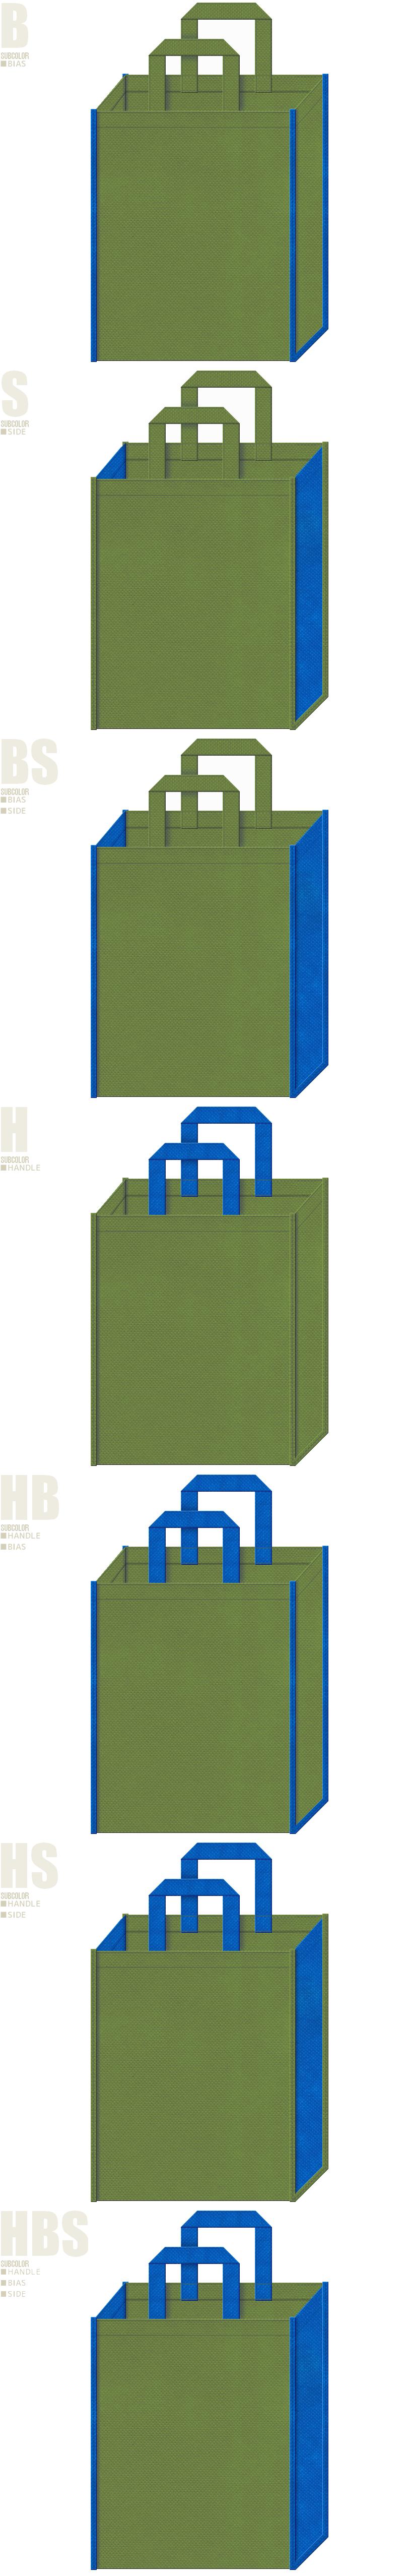 不織布トートバッグのデザイン例-不織布メインカラーNo.34+サブカラーNo.の2色7パターン